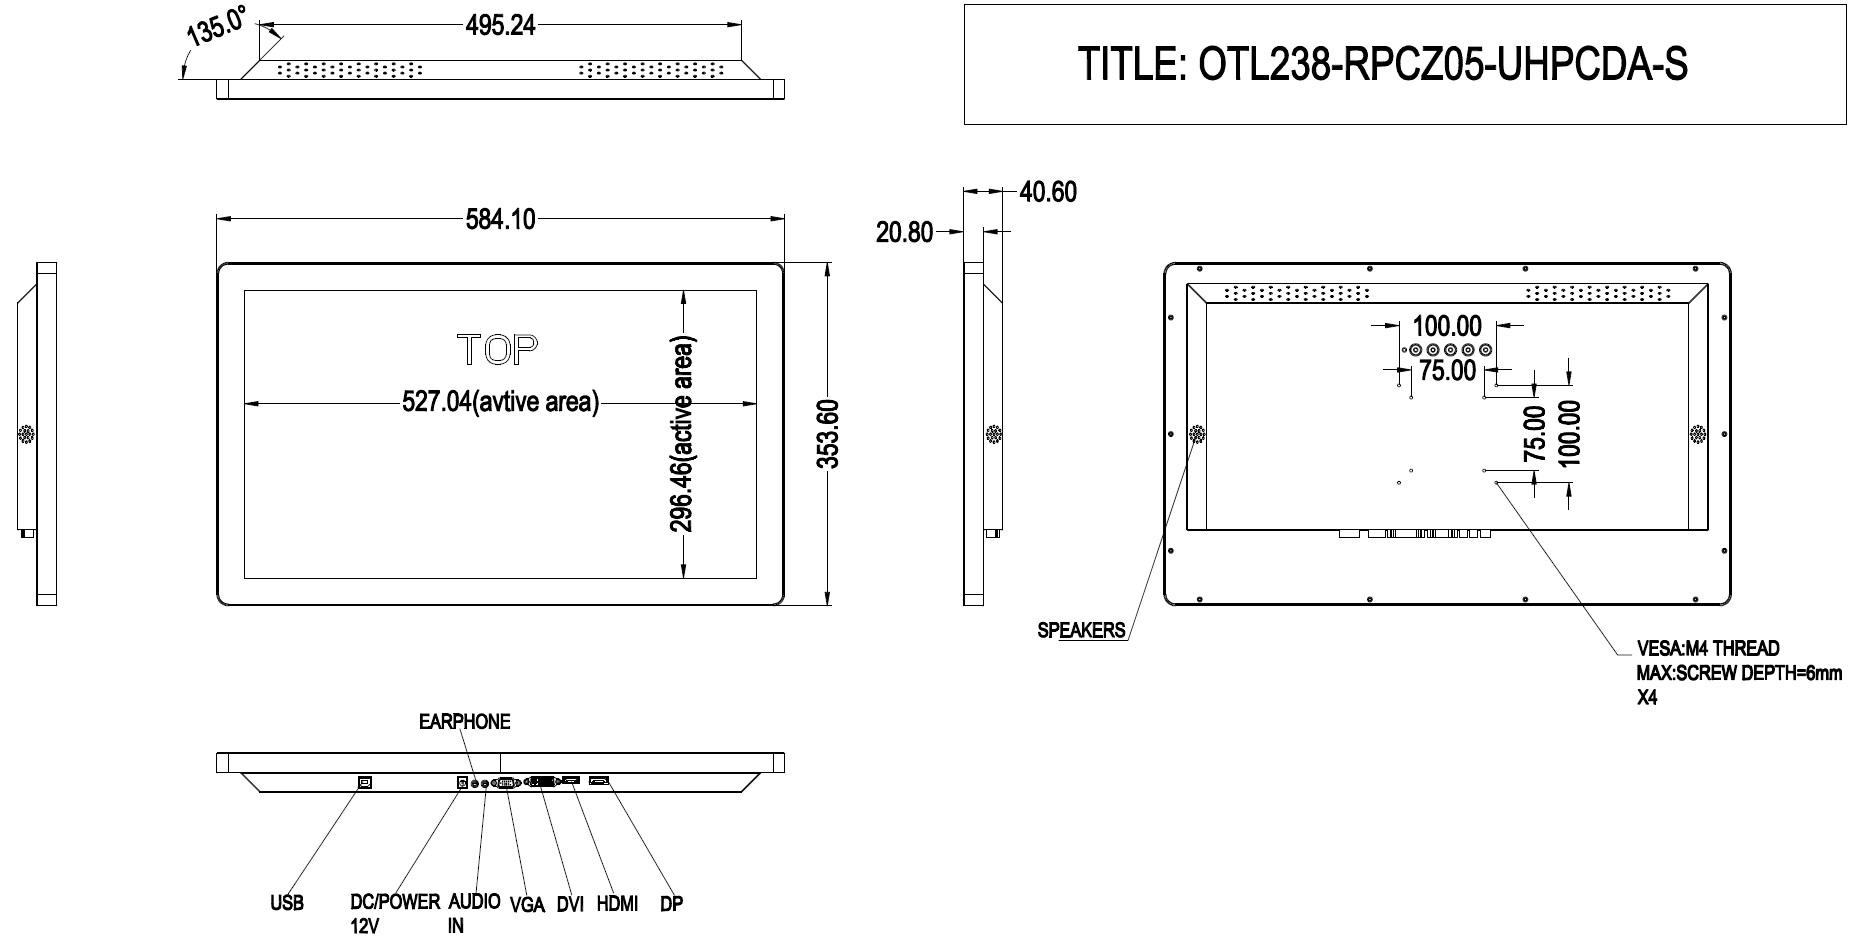 【23.8型】組込・キャビネット・投影型静電容量方式「OTL238-RPCZ05」